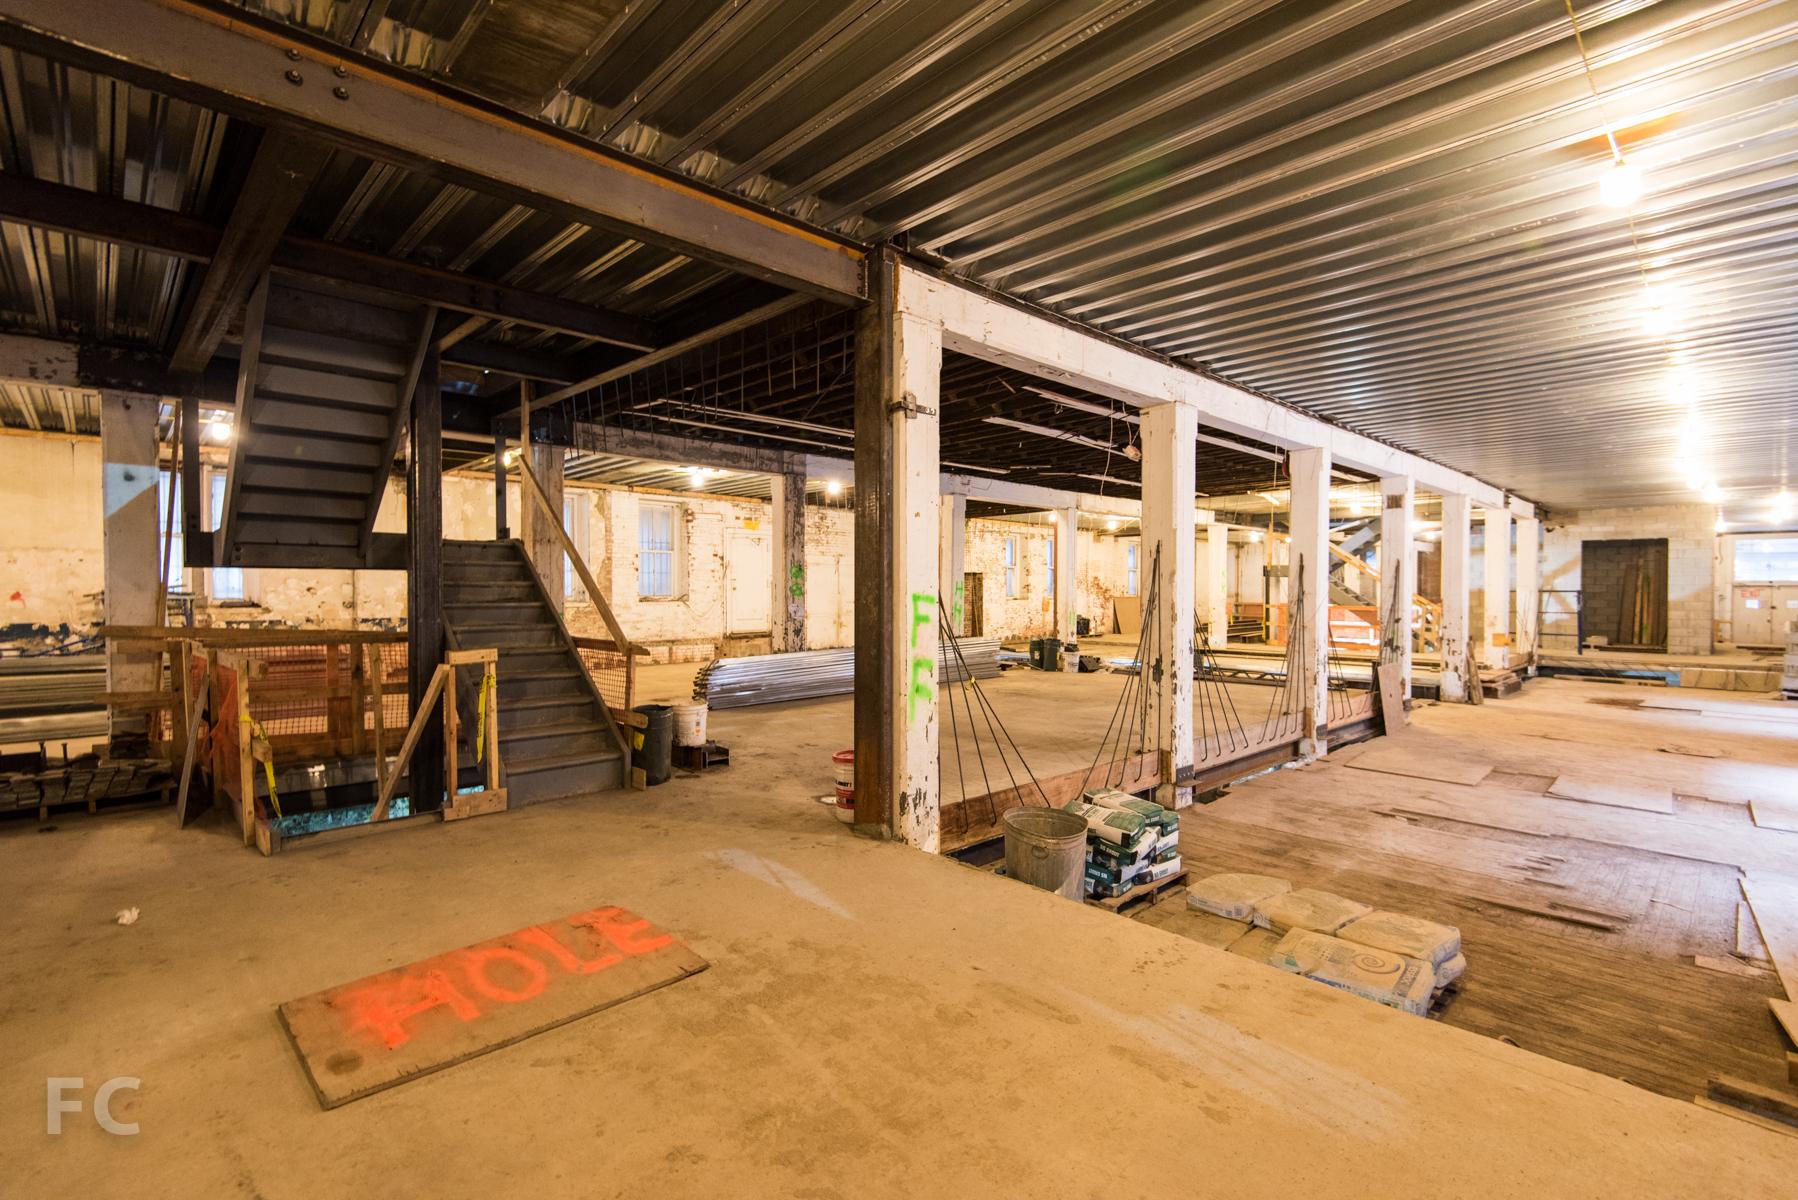 Ground floor under construction.